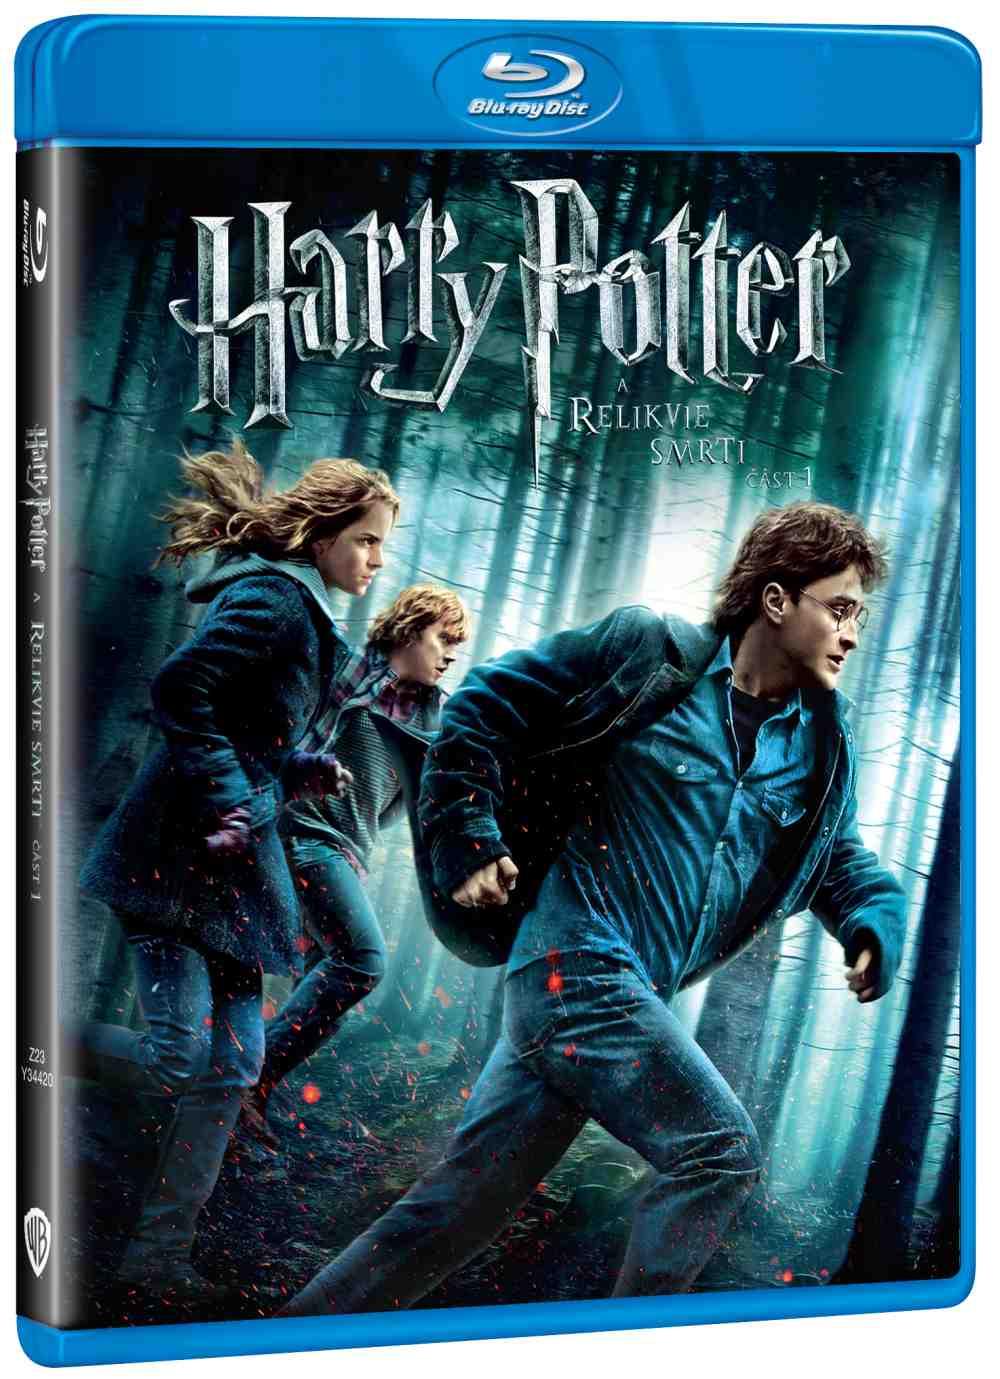 HARRY POTTER A RELIKVIE SMRTI 1. ČÁST - Blu-ray